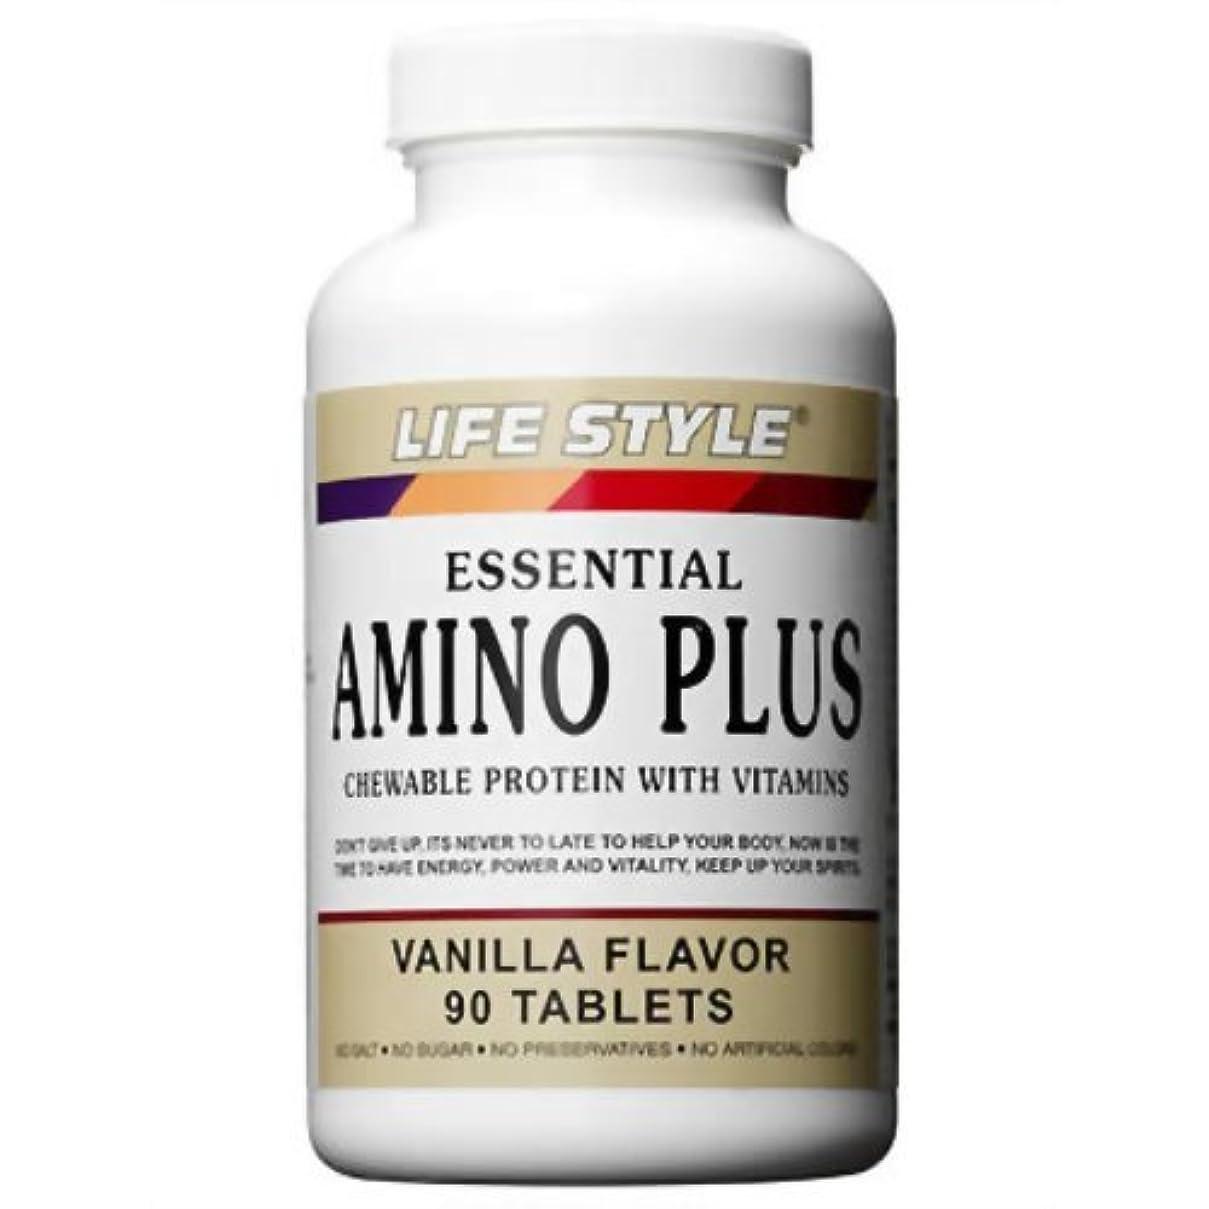 思いつく傭兵きつくライフスタイル(LIFE STYLE) アミノ?プラス ビタミン&カルシウム 90粒